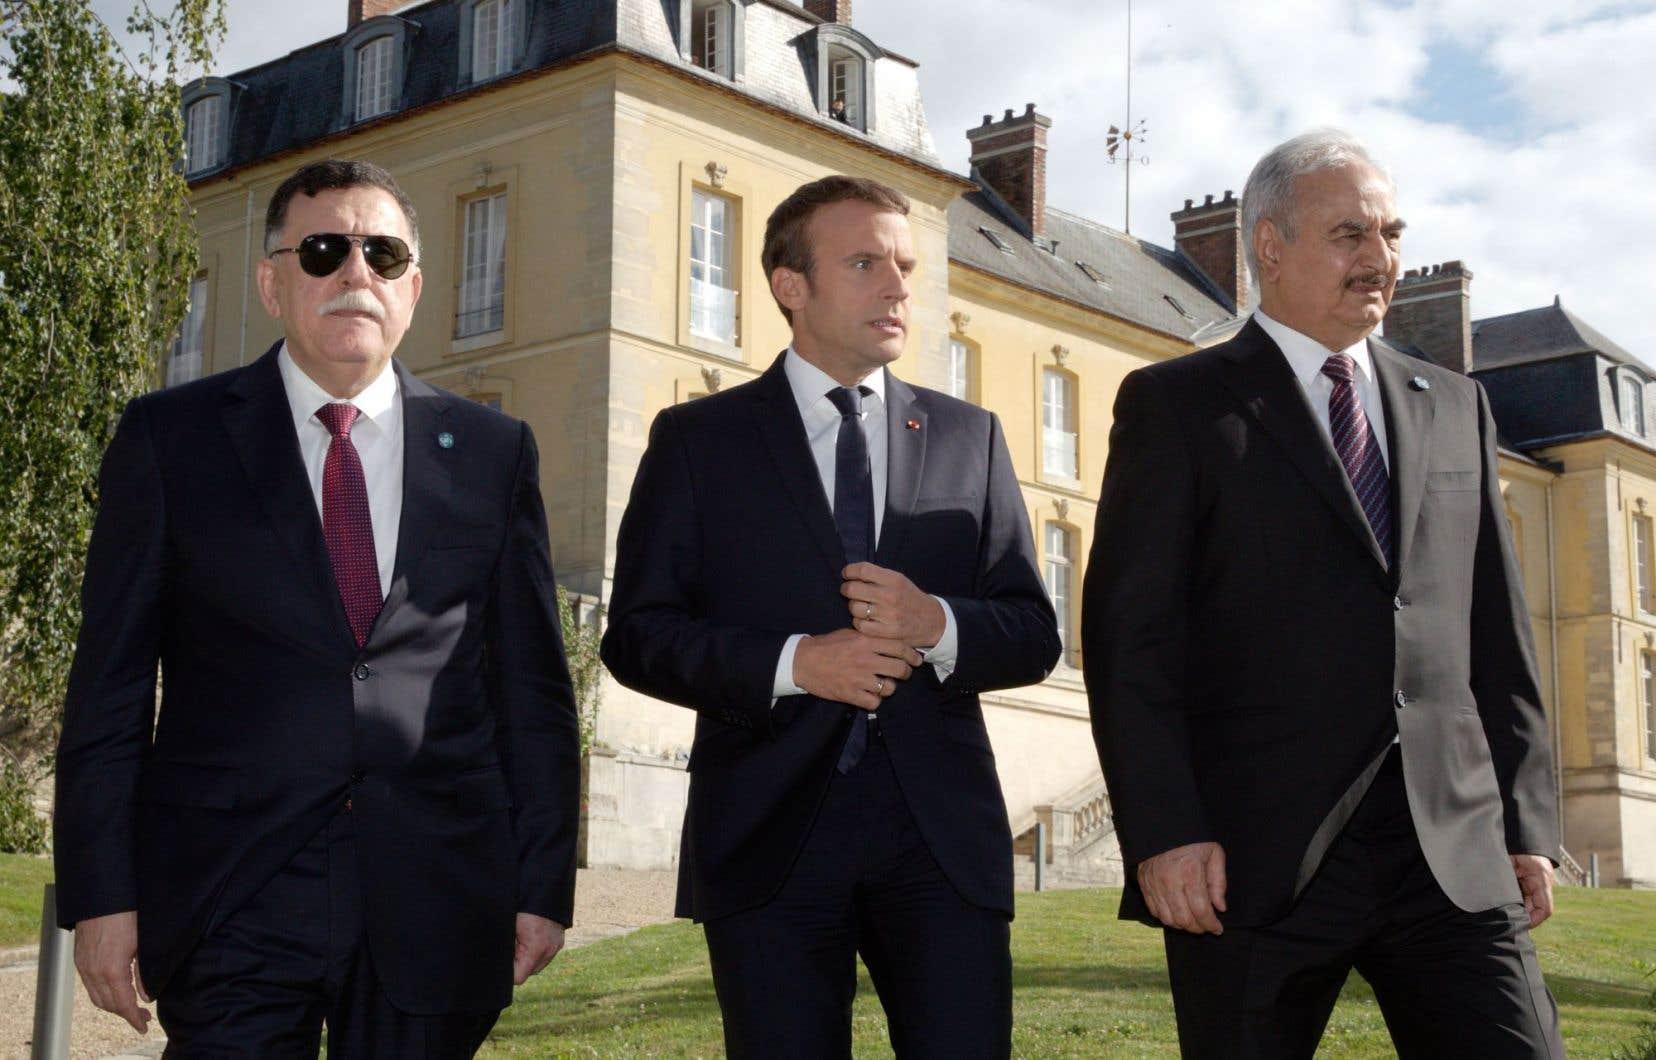 Le président français, Emmanuel Macron, entouré par le premier ministre libyen, Fayez al-Sarraj, et le général Khalifa Haftar, en France, mardi, pour sortir la Libye de la crise